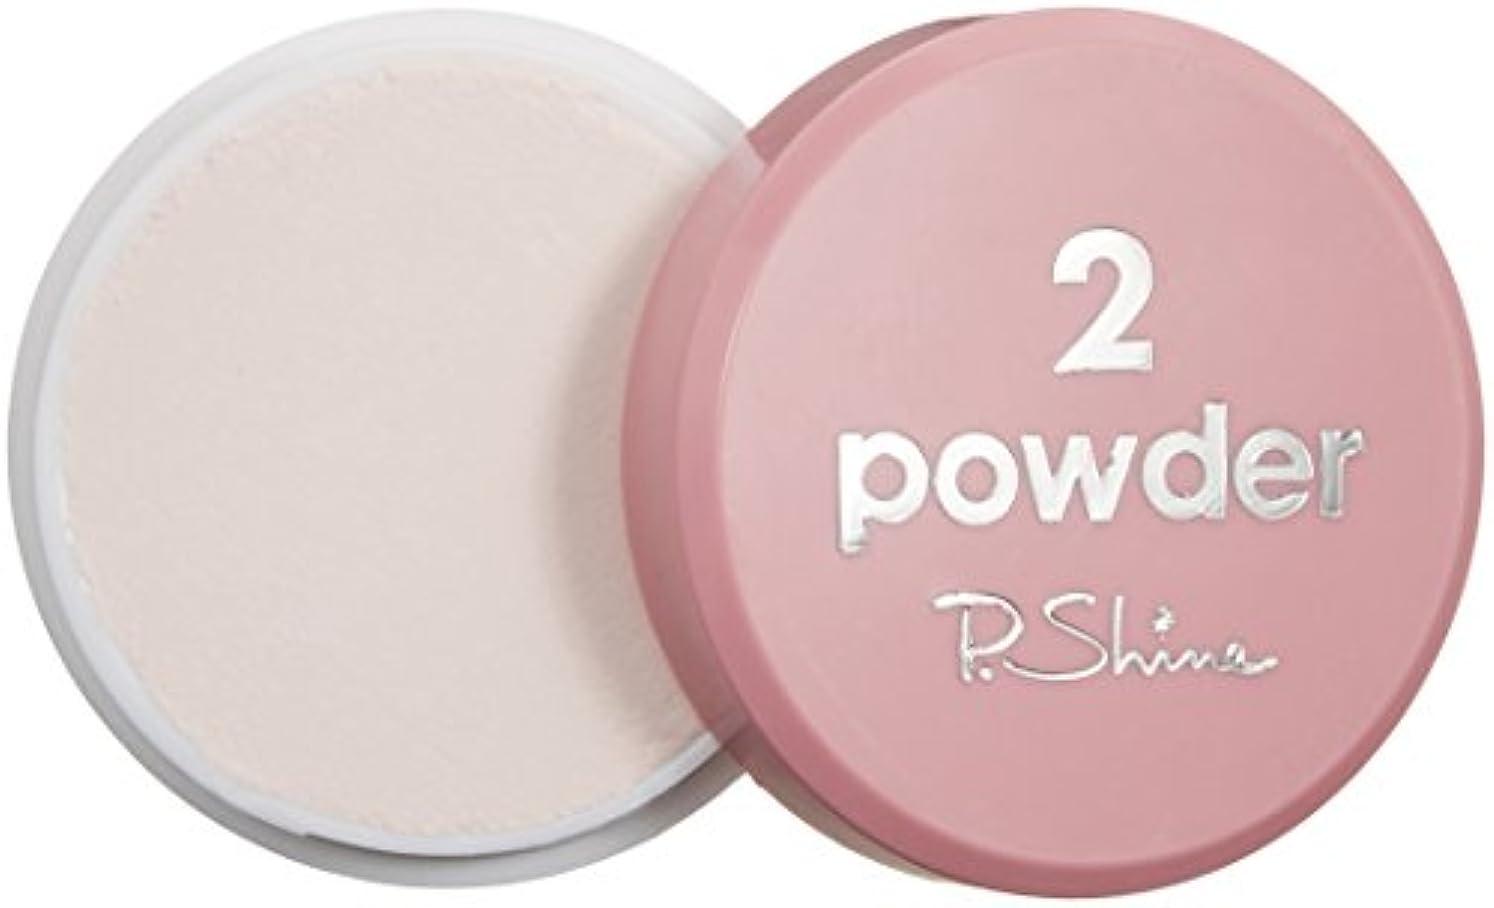 食欲エレメンタルピッチャーP. Shine 爪磨きパウダー 5g 爪磨き用の光沢剤